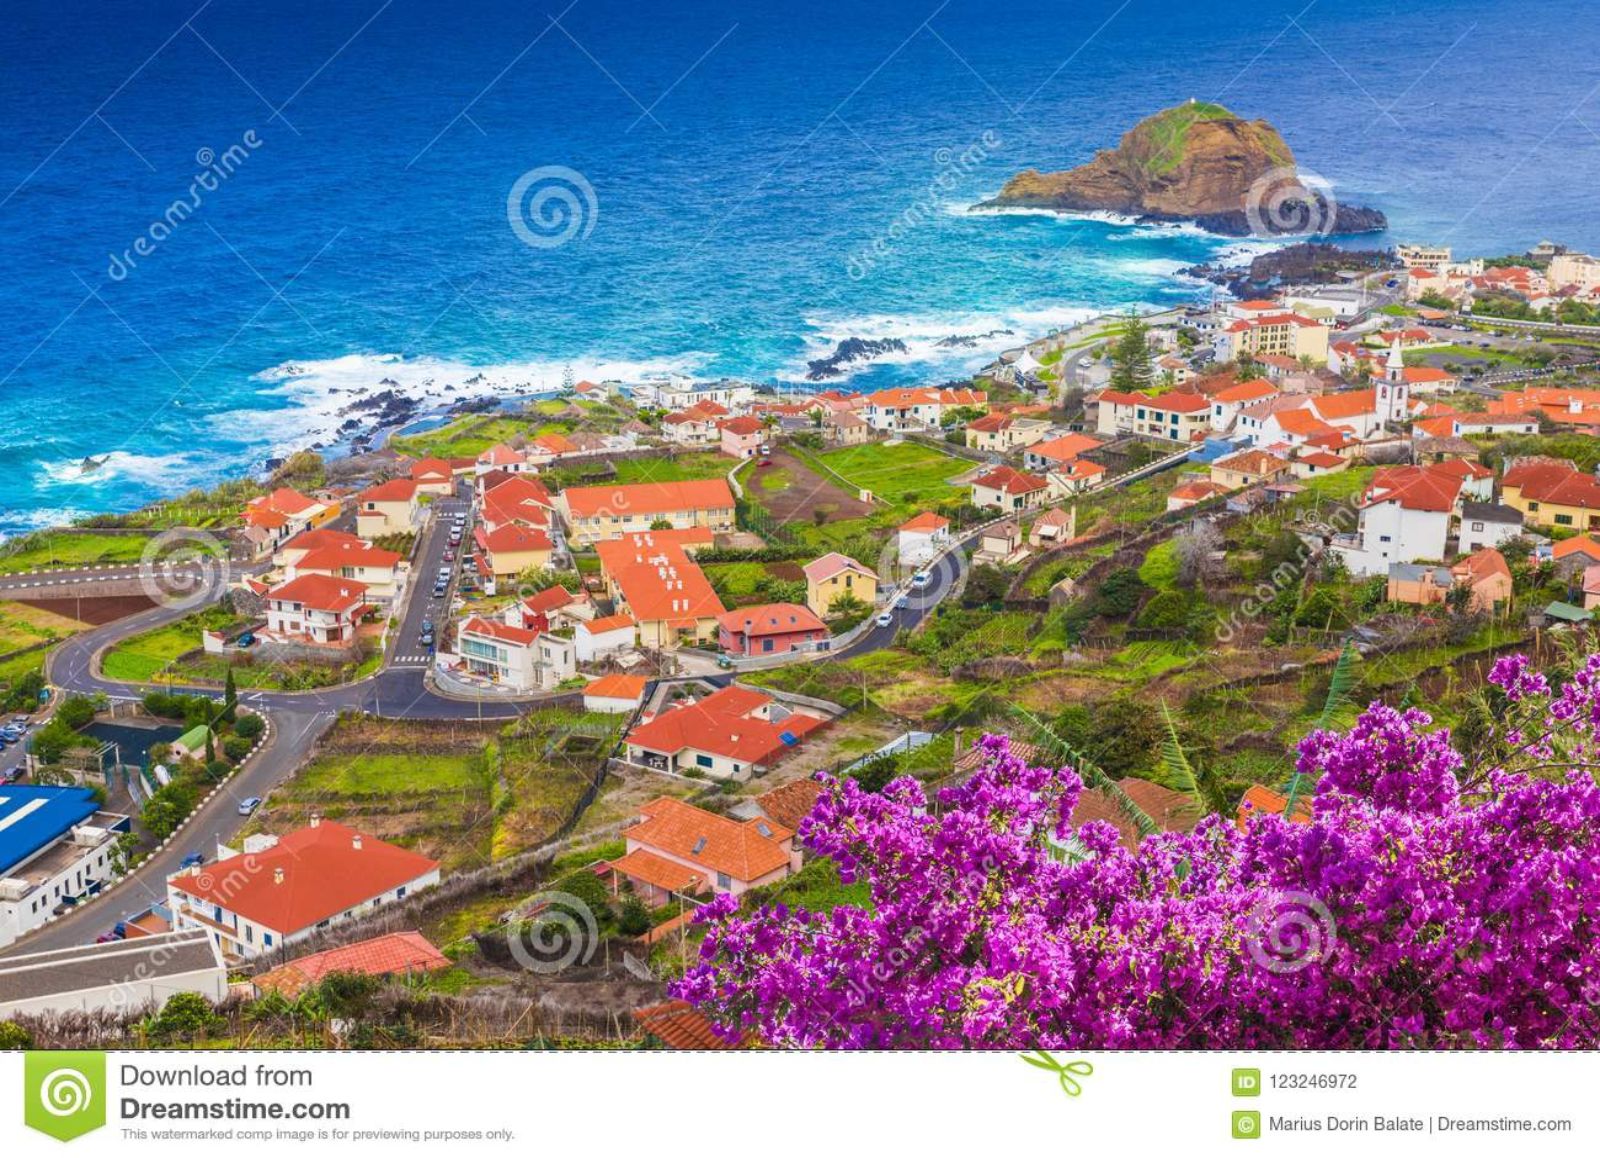 Πόρτο Moniz, λίγο χωριό στο νησί της Μαδέρας, Πορτογαλία